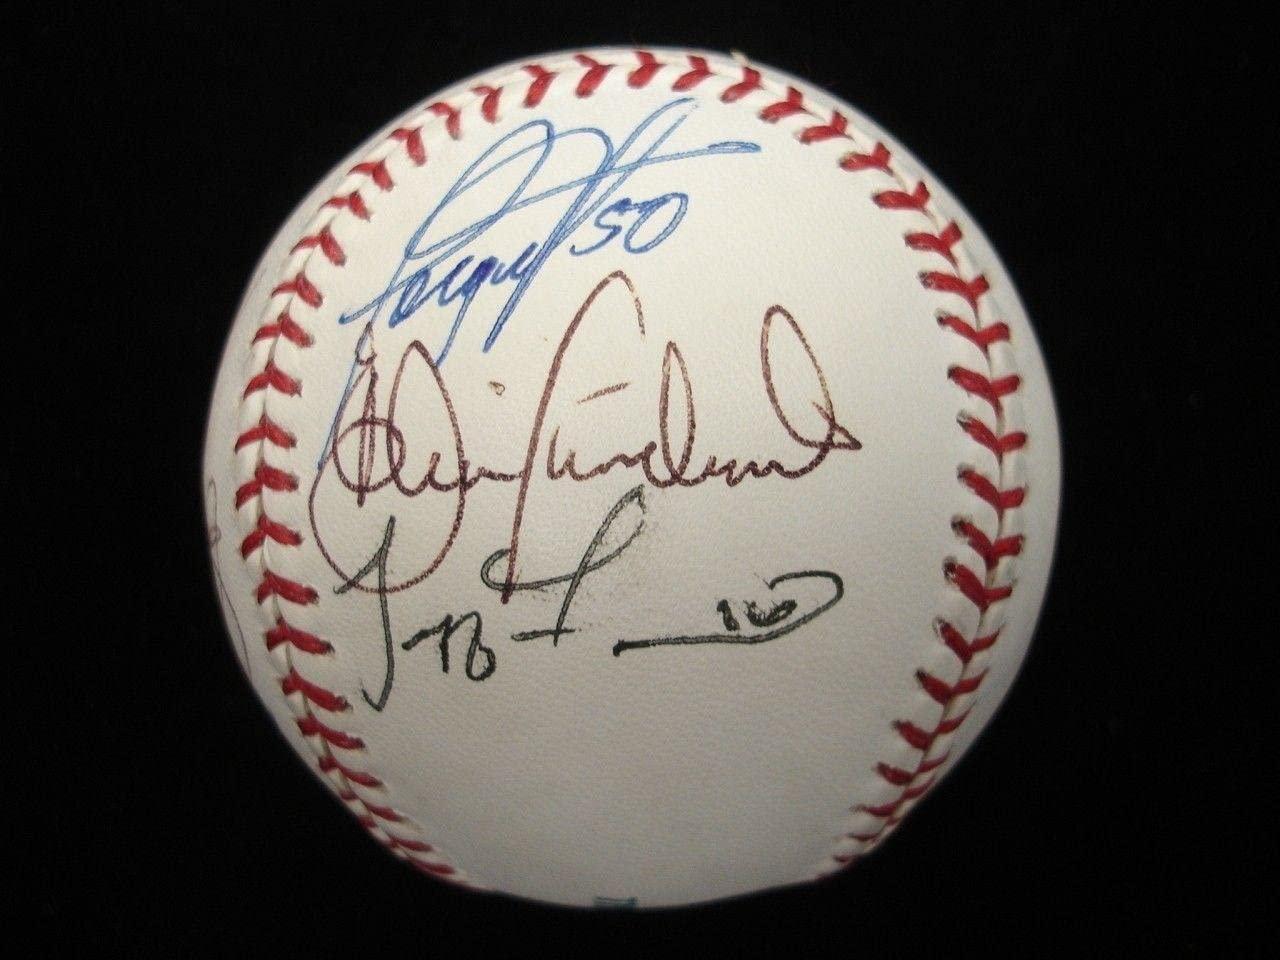 2006 Orioles Autographed Baseball - 10 Signatures - B&E Hologram - Autographed Baseballs